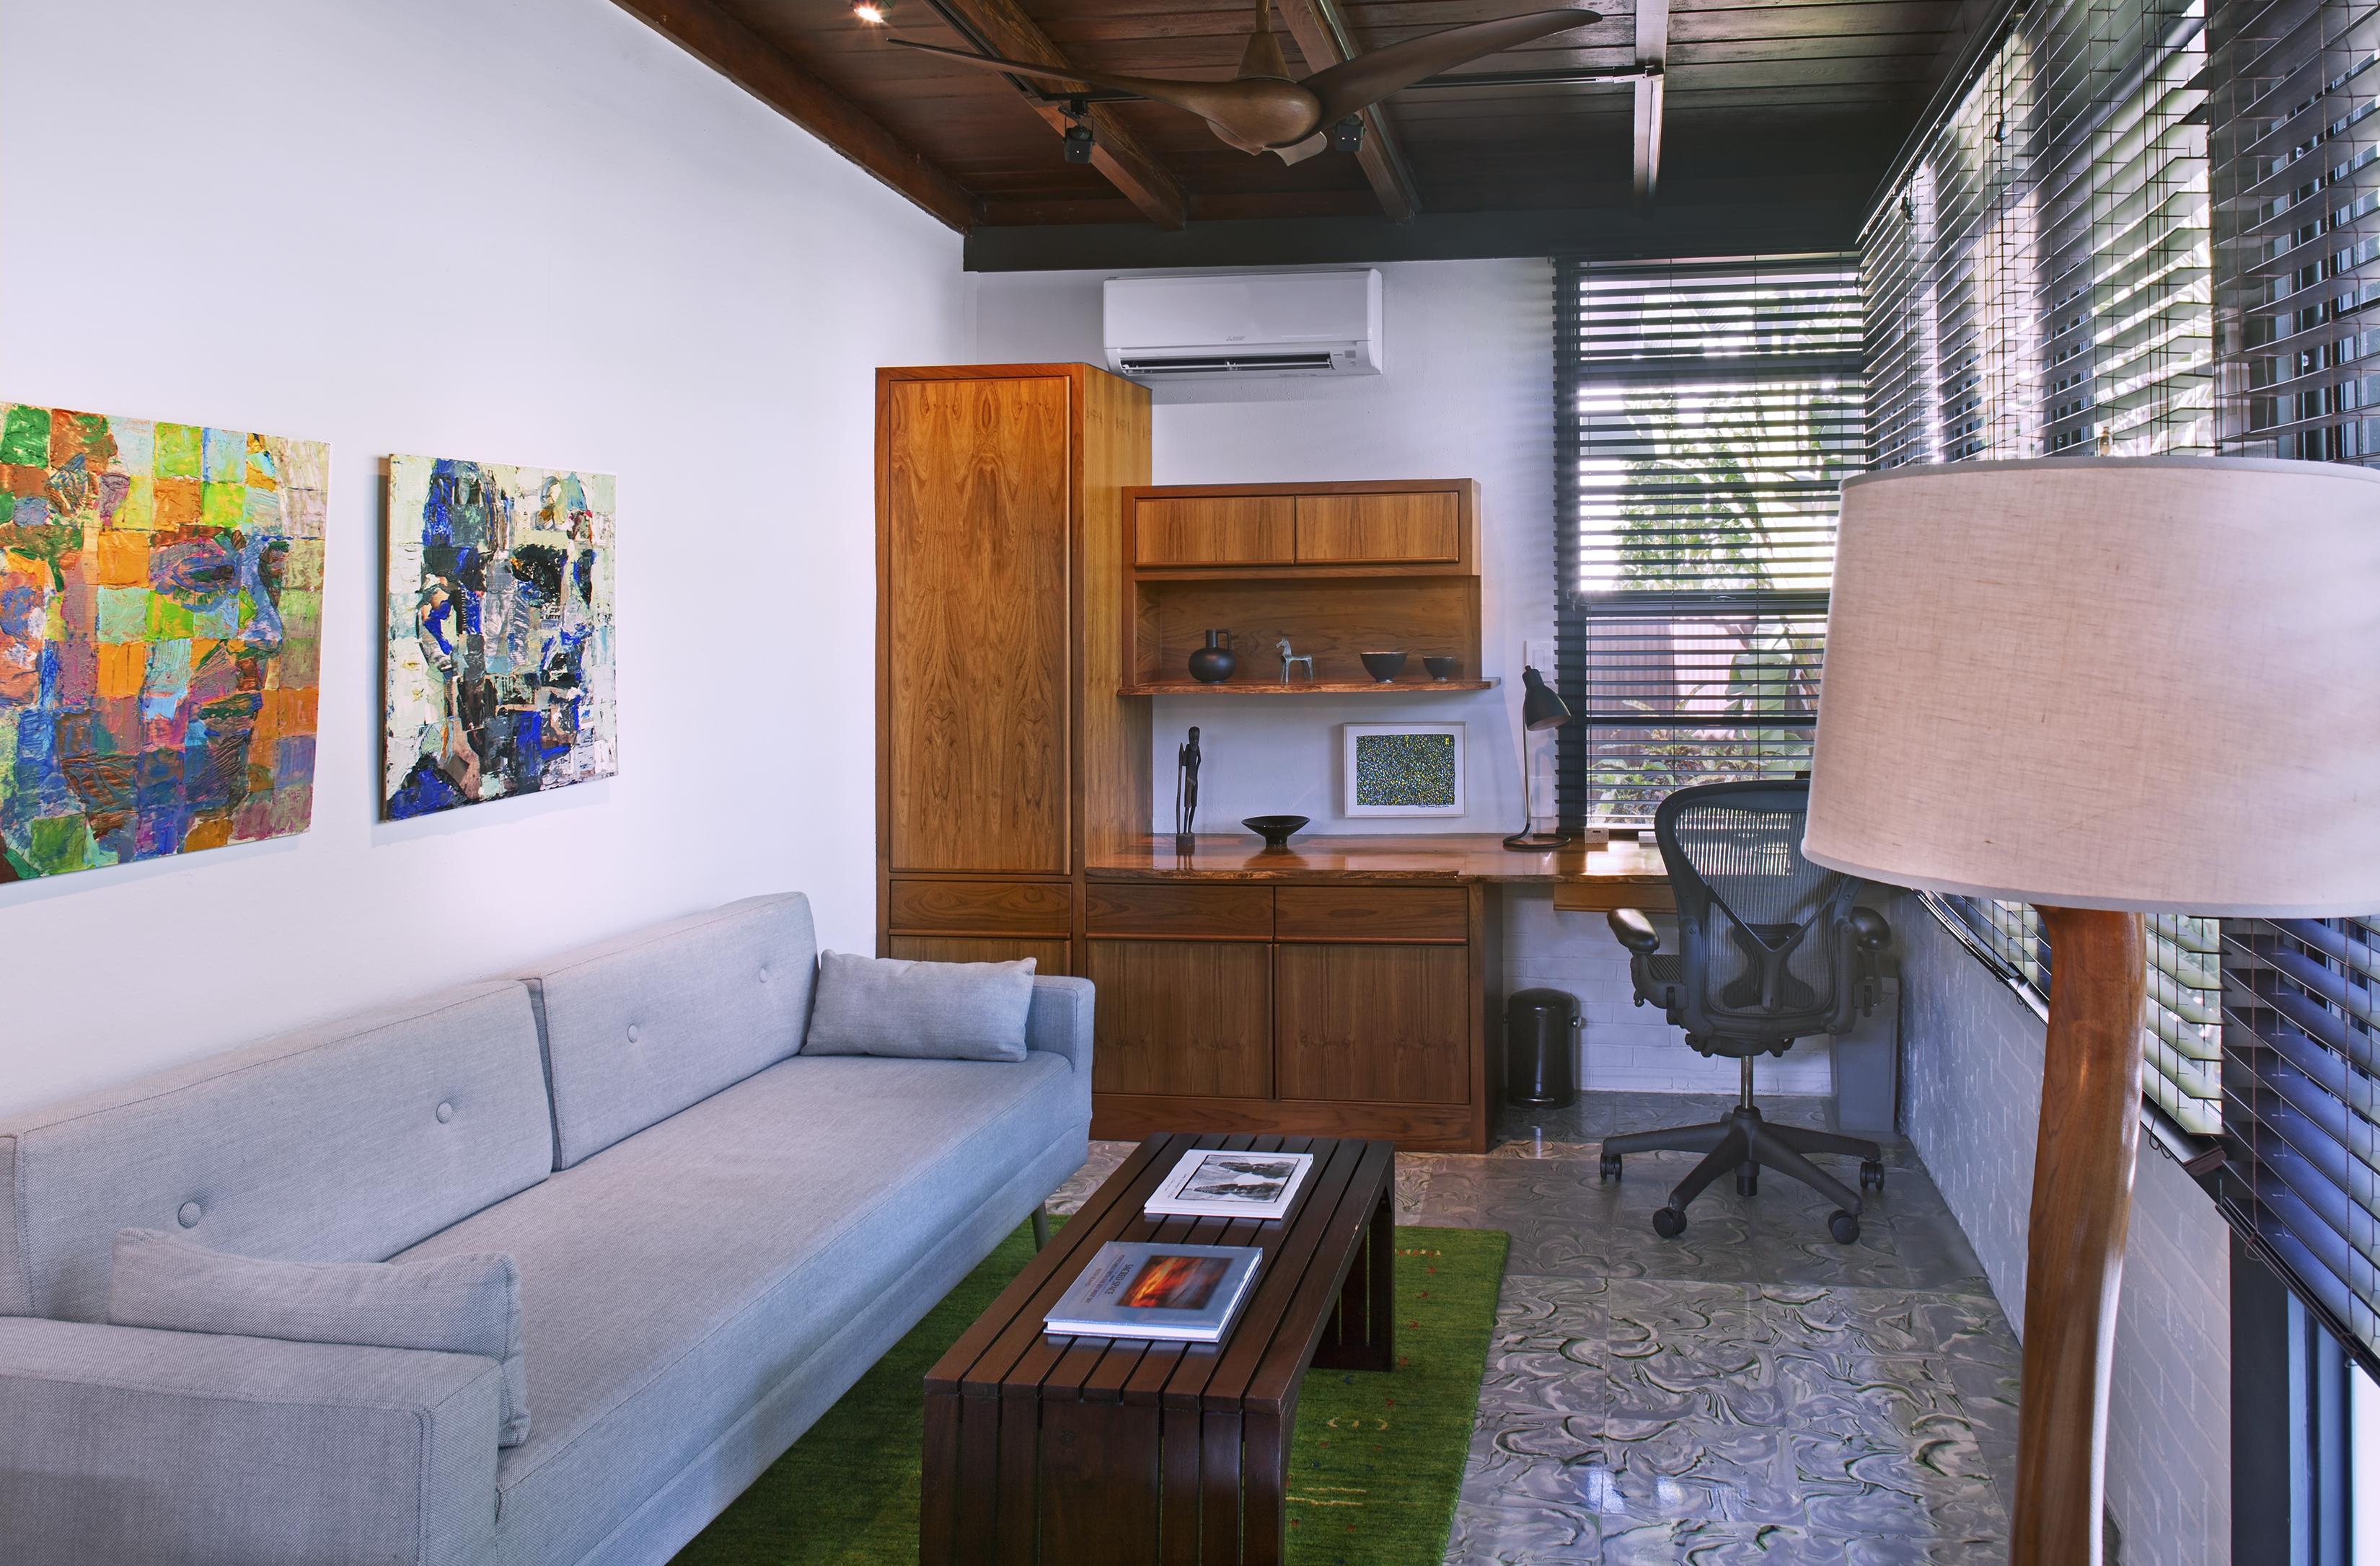 1517 Washington St. Key West, Office